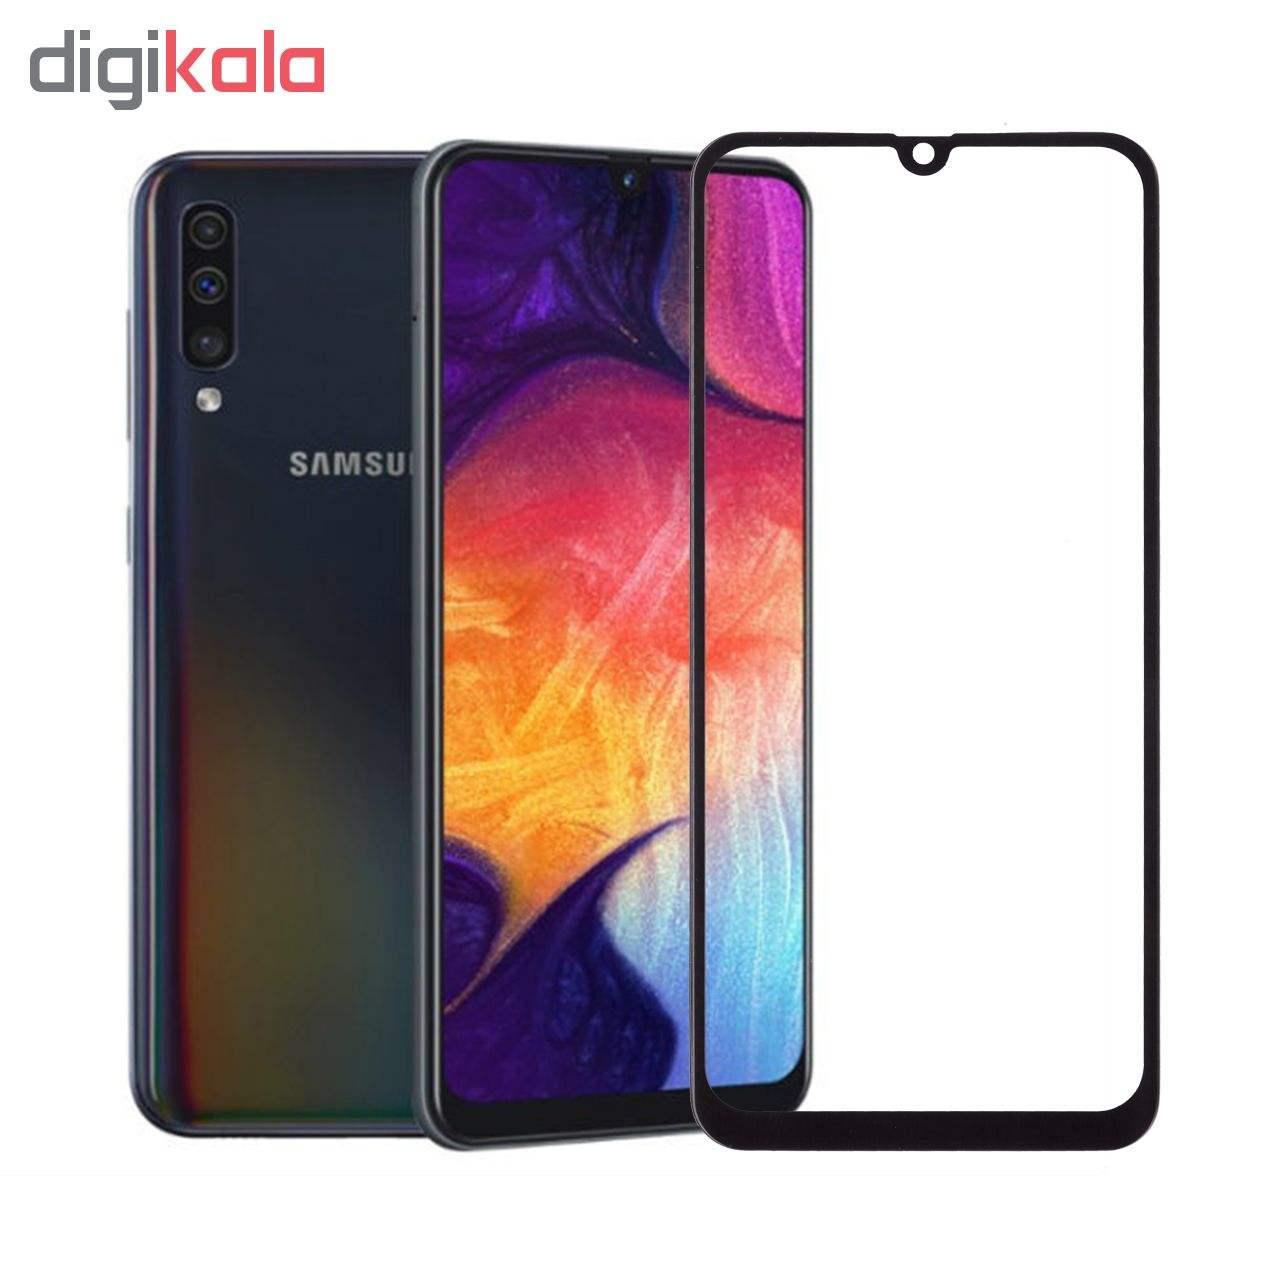 محافظ صفحه نمایش 5D  مدل D22 مناسب برای گوشی موبایل سامسونگ Galaxy A50 main 1 3